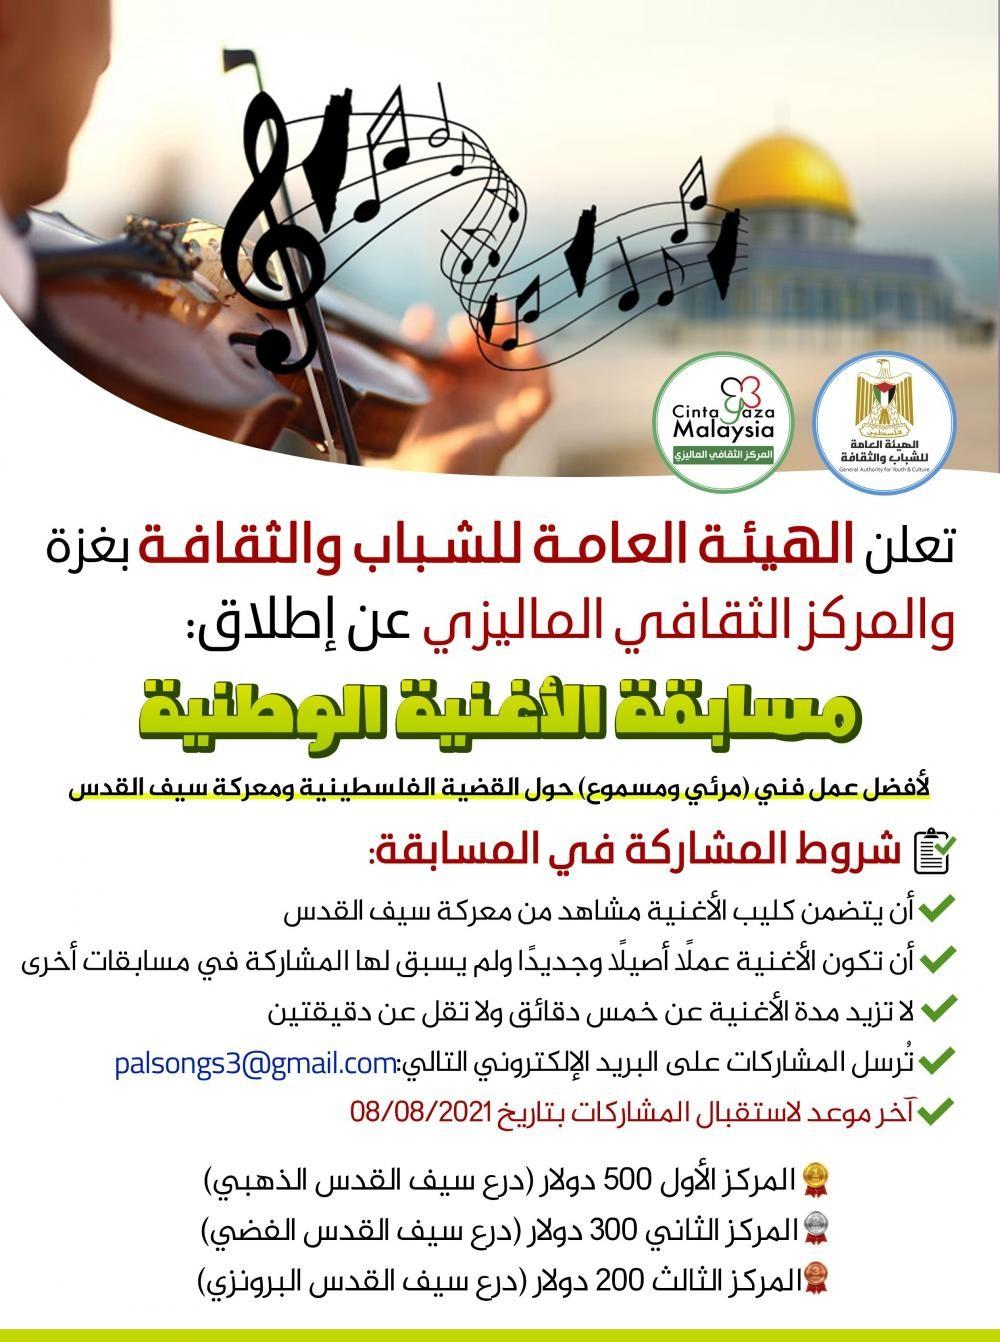 غزة: إطلاق مسابقة في الأغنية الوطنية لأفضل عمل فني